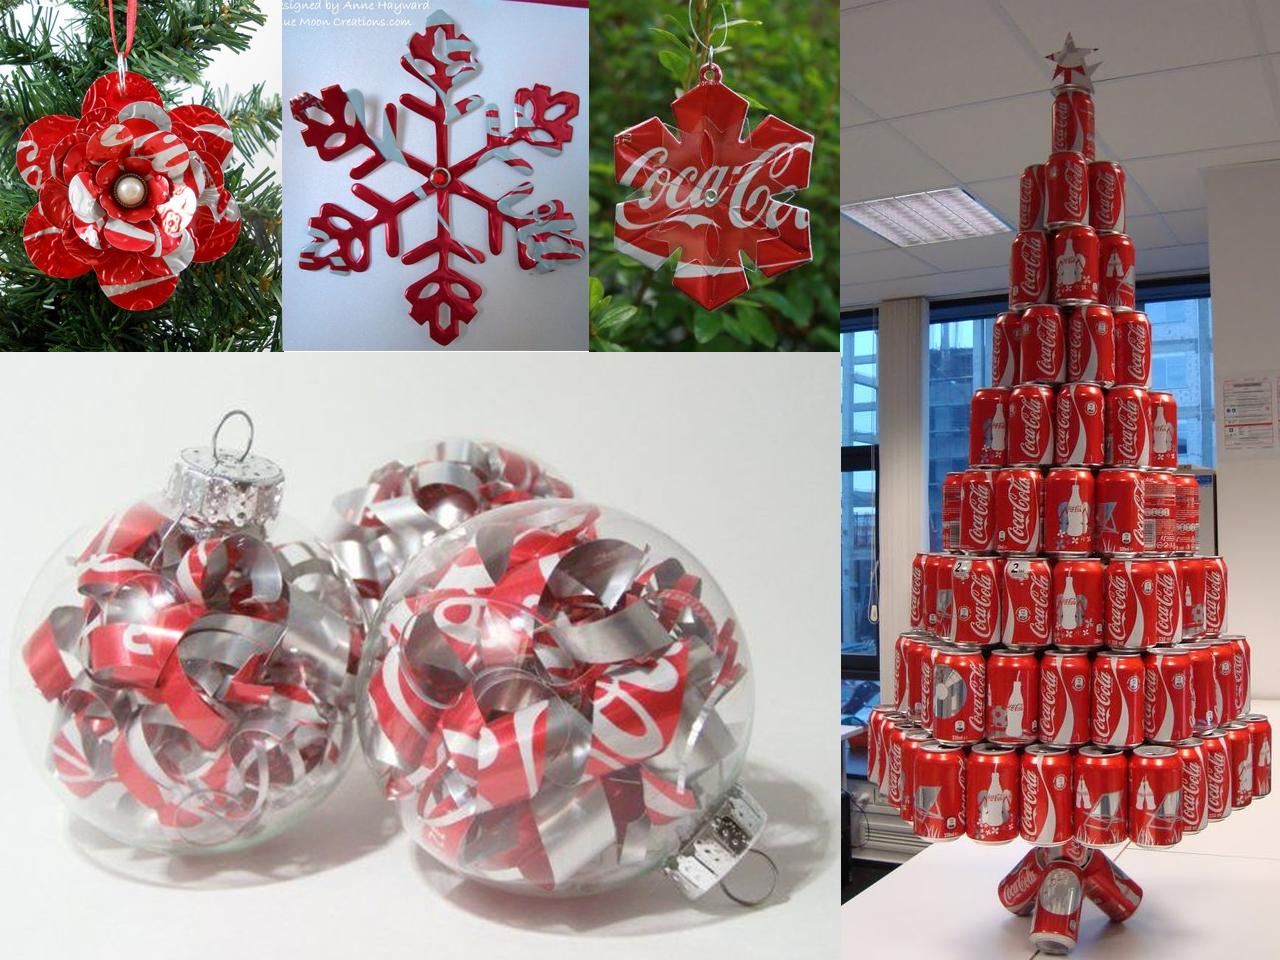 Descubre un mont n de manualidades con latas de coca cola - Manualidades decoracion navidad ...